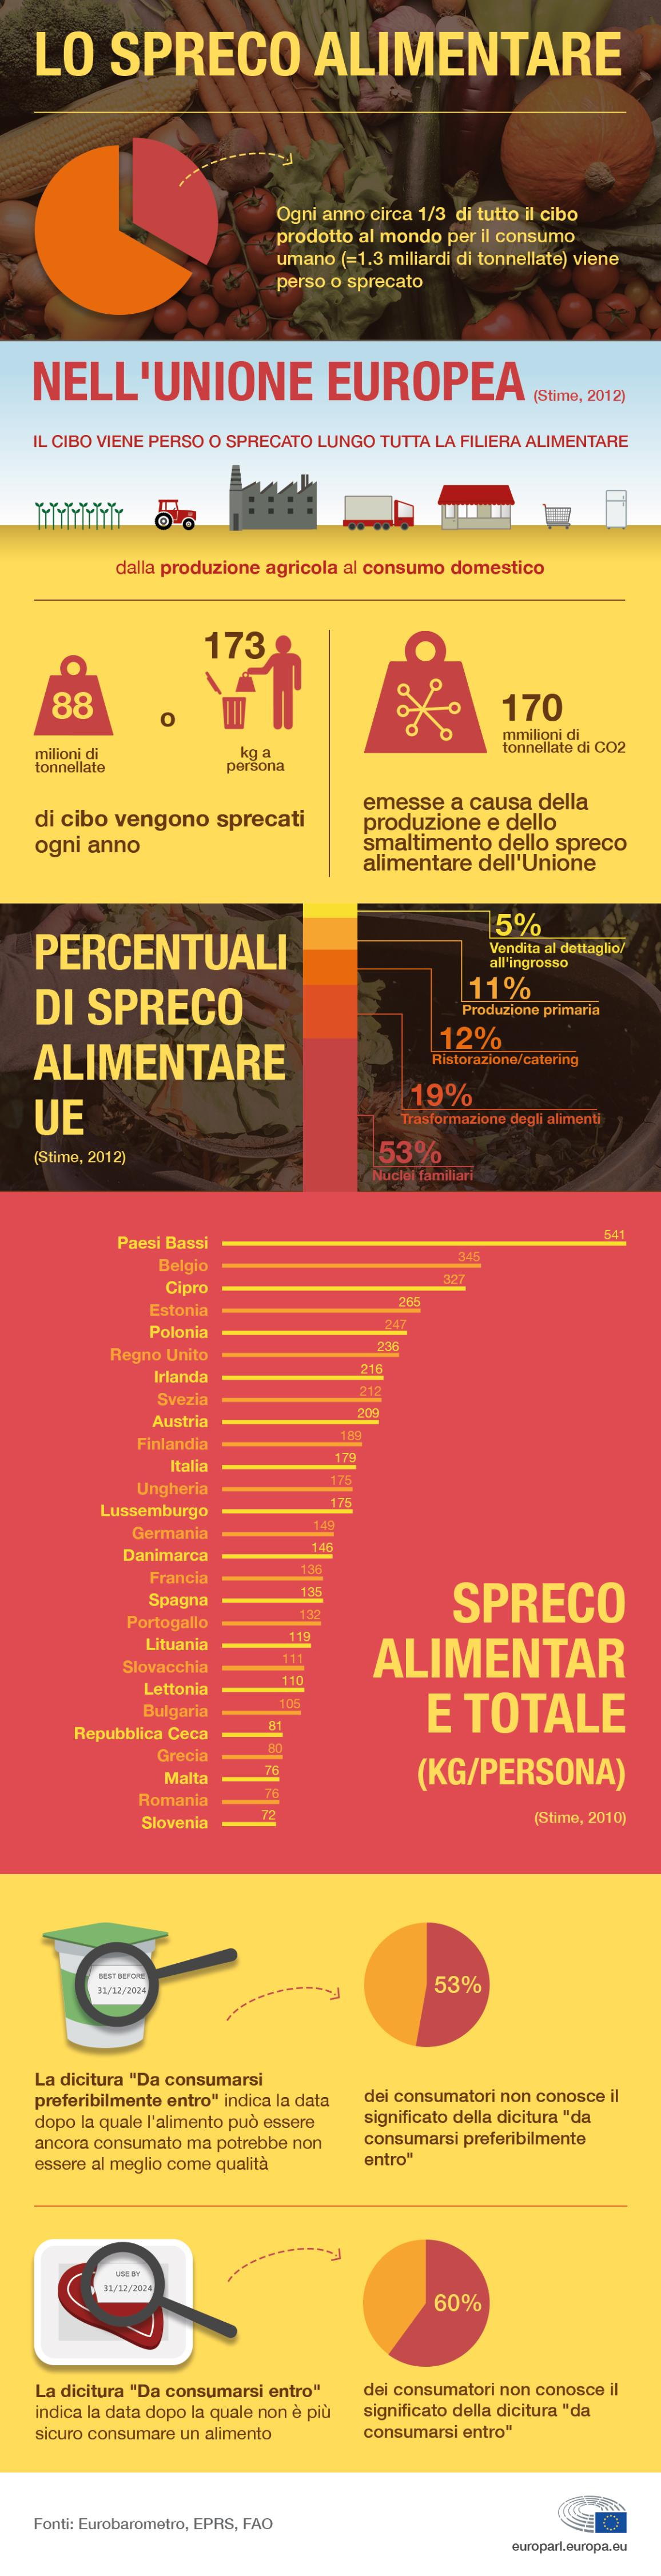 Infografica sullo spreco alimentare in Europa